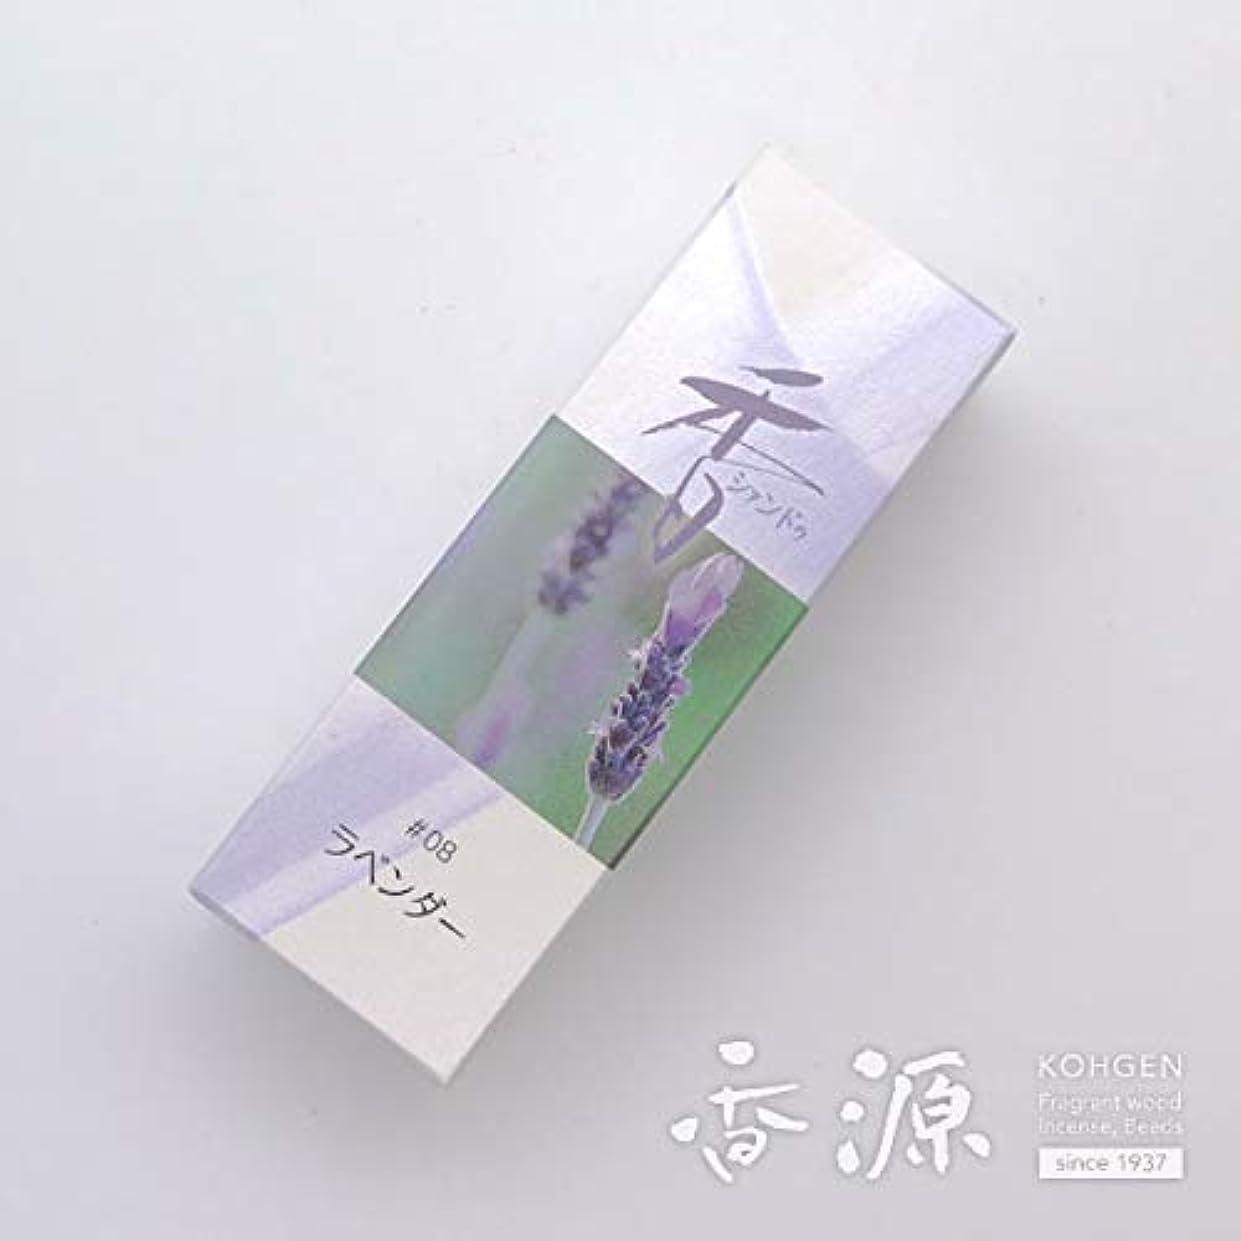 ジャケット港タバコ松栄堂のお香 Xiang Do ラベンダー ST20本入 簡易香立付 #214208